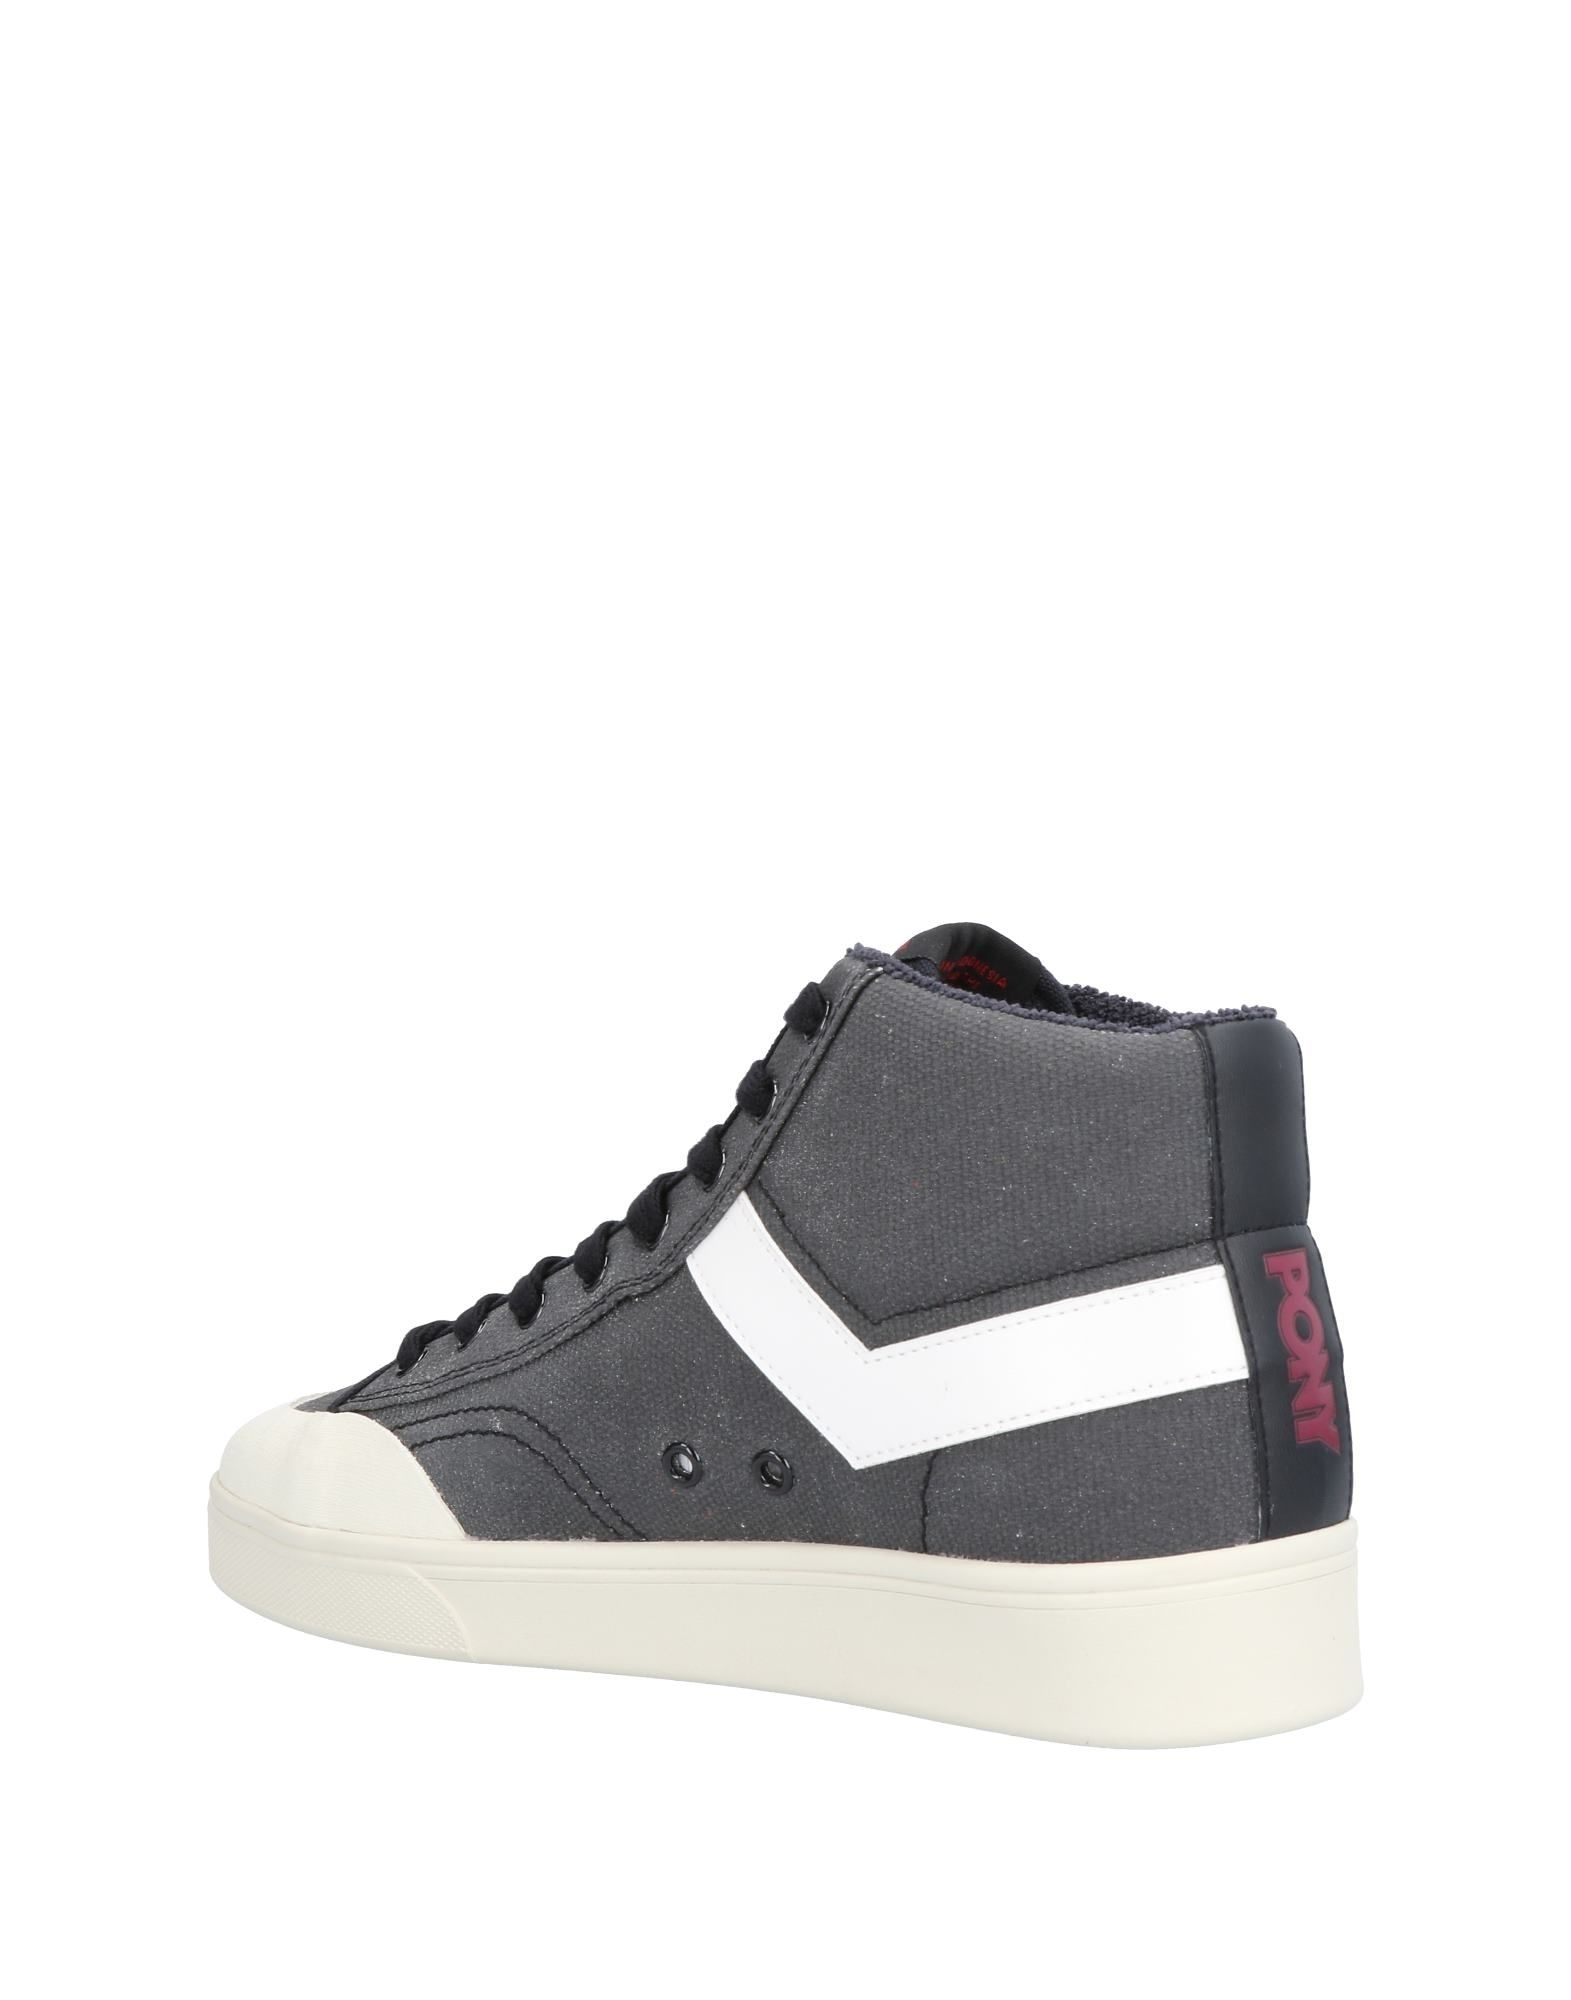 Rabatt echte Schuhe 11496329QX Pony Sneakers Herren  11496329QX Schuhe aabac3